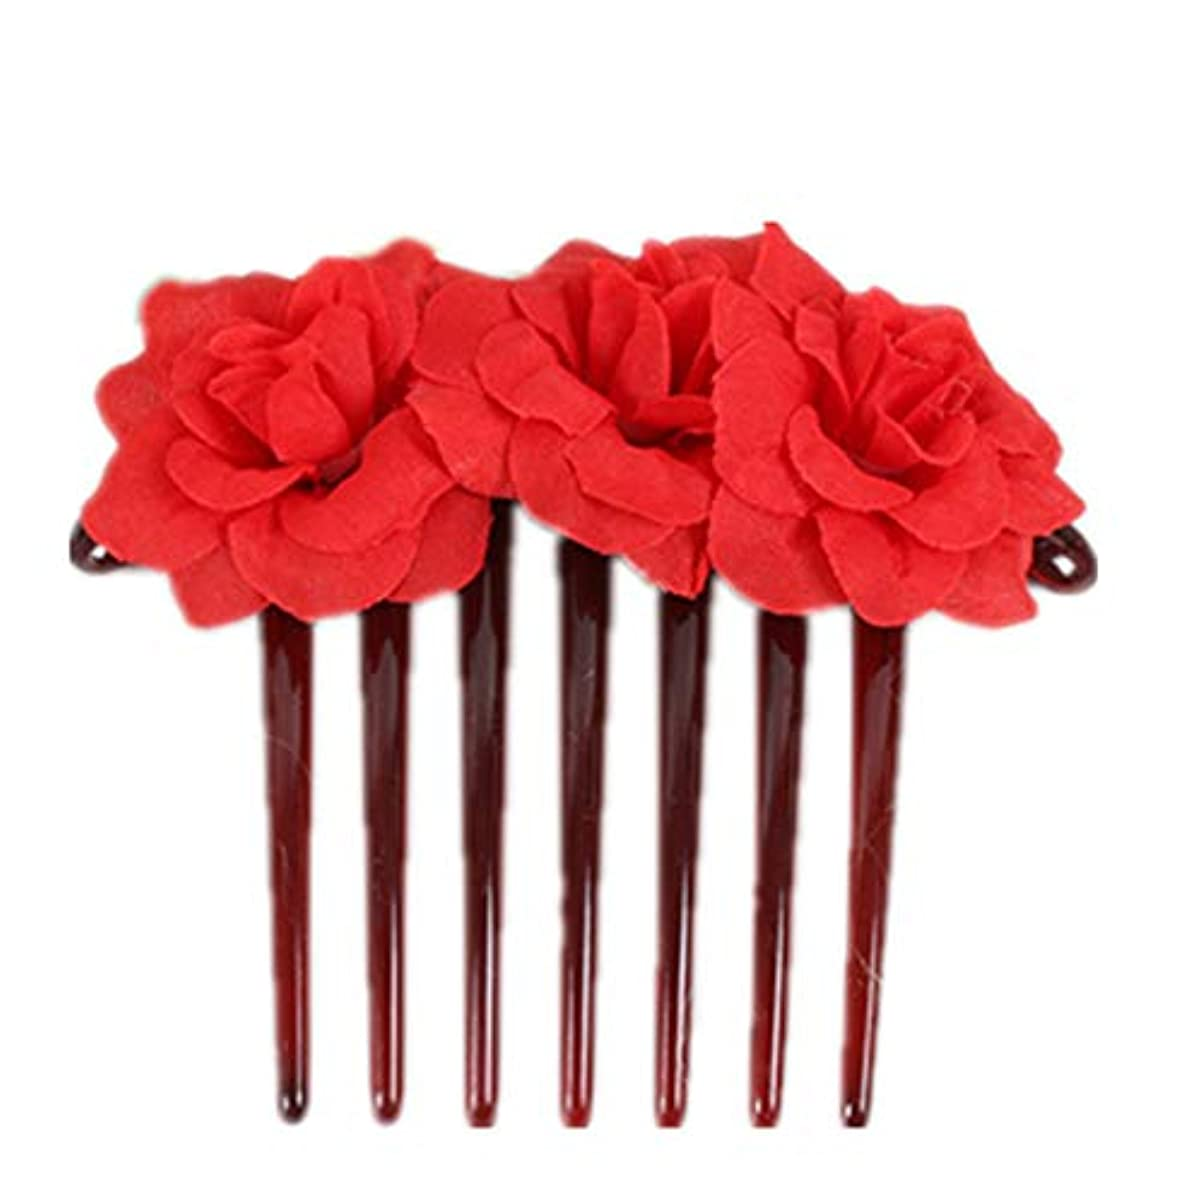 礼拝役立つ落ち着く1st market プレミアム品質シミュレーション花花嫁の髪櫛頭飾りヘアピンクリップ櫛スタイリングアクセサリー、赤